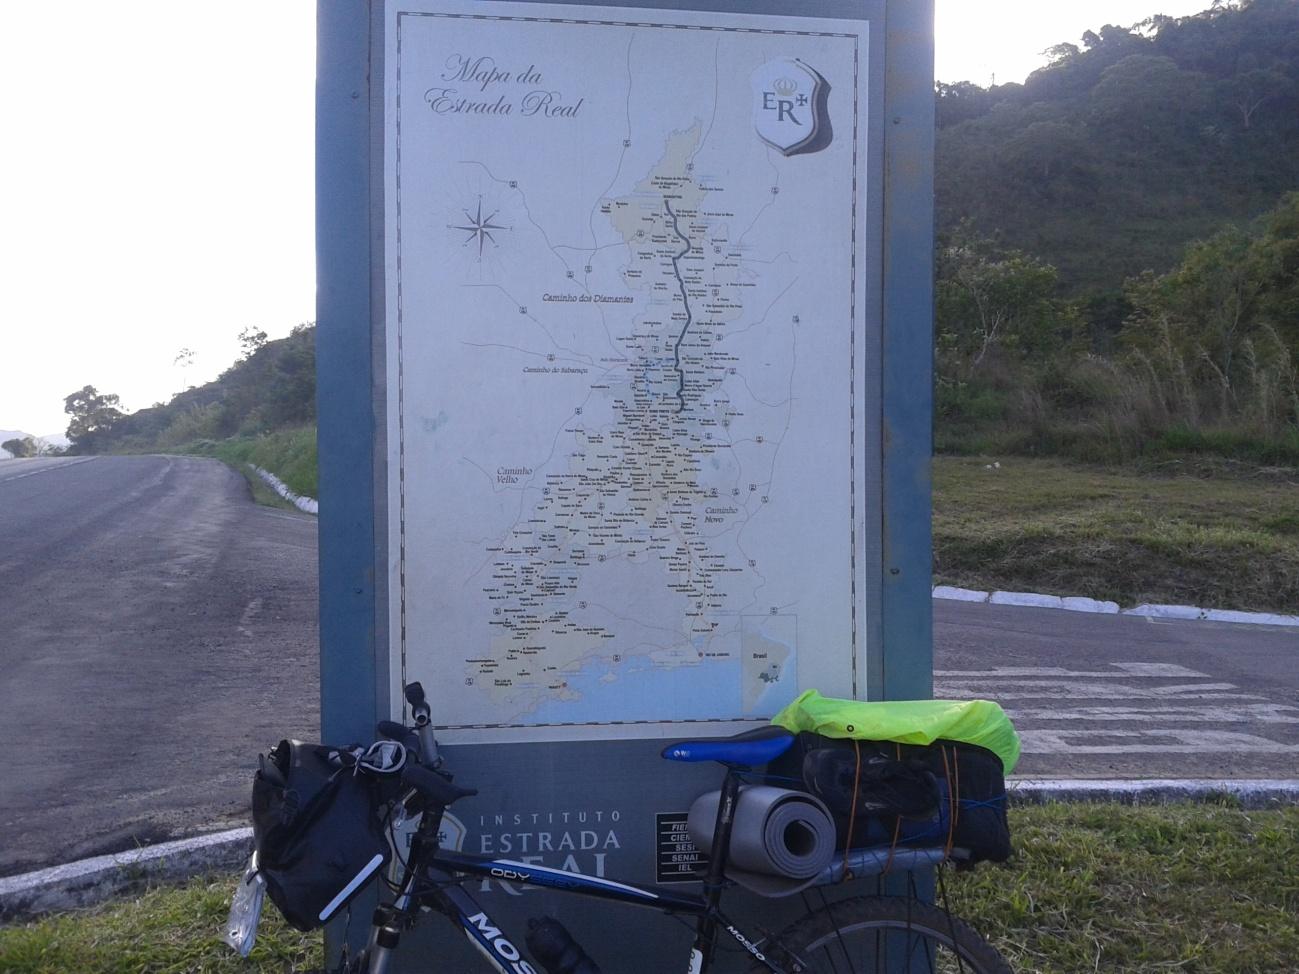 entrada de Olaria, às margens da BR-267